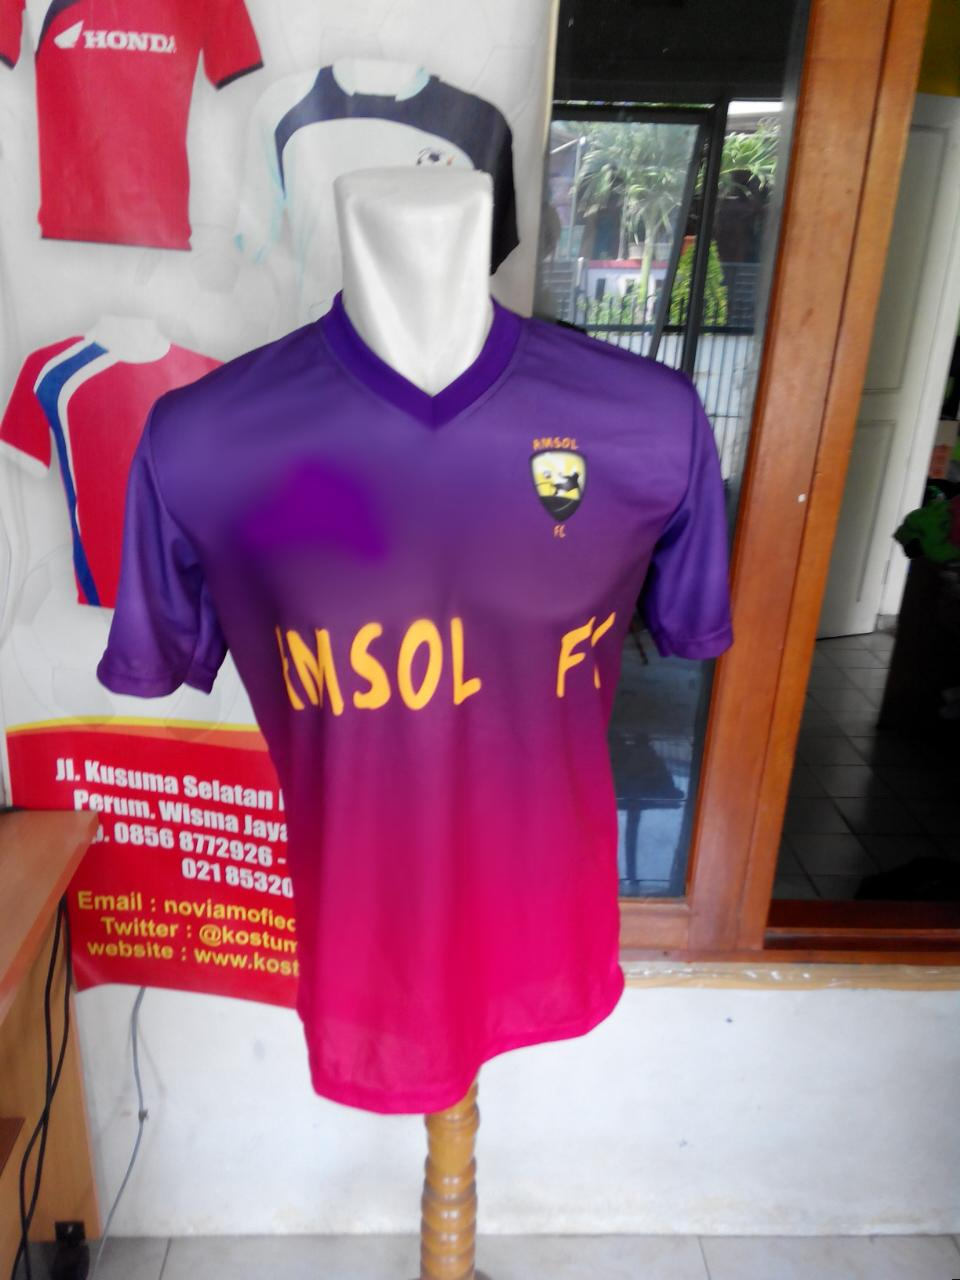 Kostum Bola Custom Berkualitas Desain Jersey Futsal Full Printing Amsol Fc Ini Memakai Gradasi Warna Yang Indah Di Lihat Dengan Ungu Dan Merah Muda Menjadikan